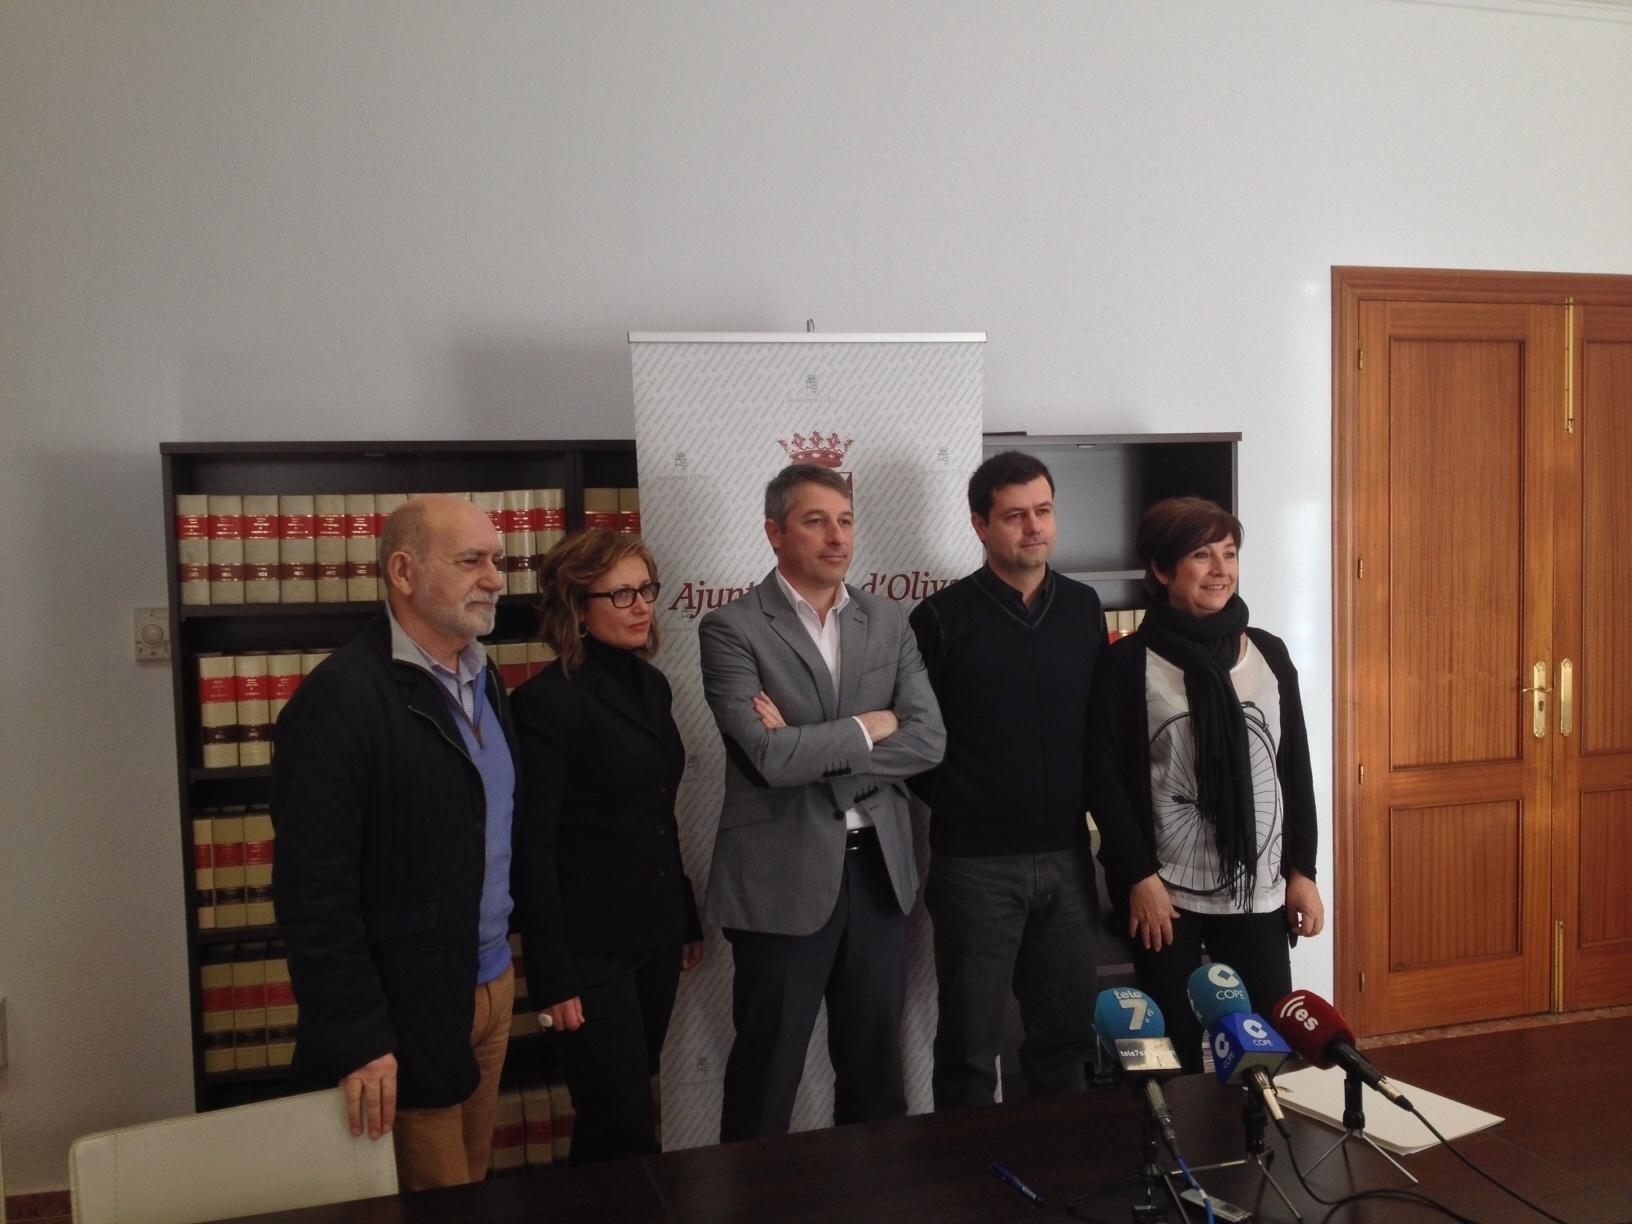 Fuster (PSPV) sustituye a González (Compromís) como alcalde de Oliva cumpliendo el pacto de gobierno